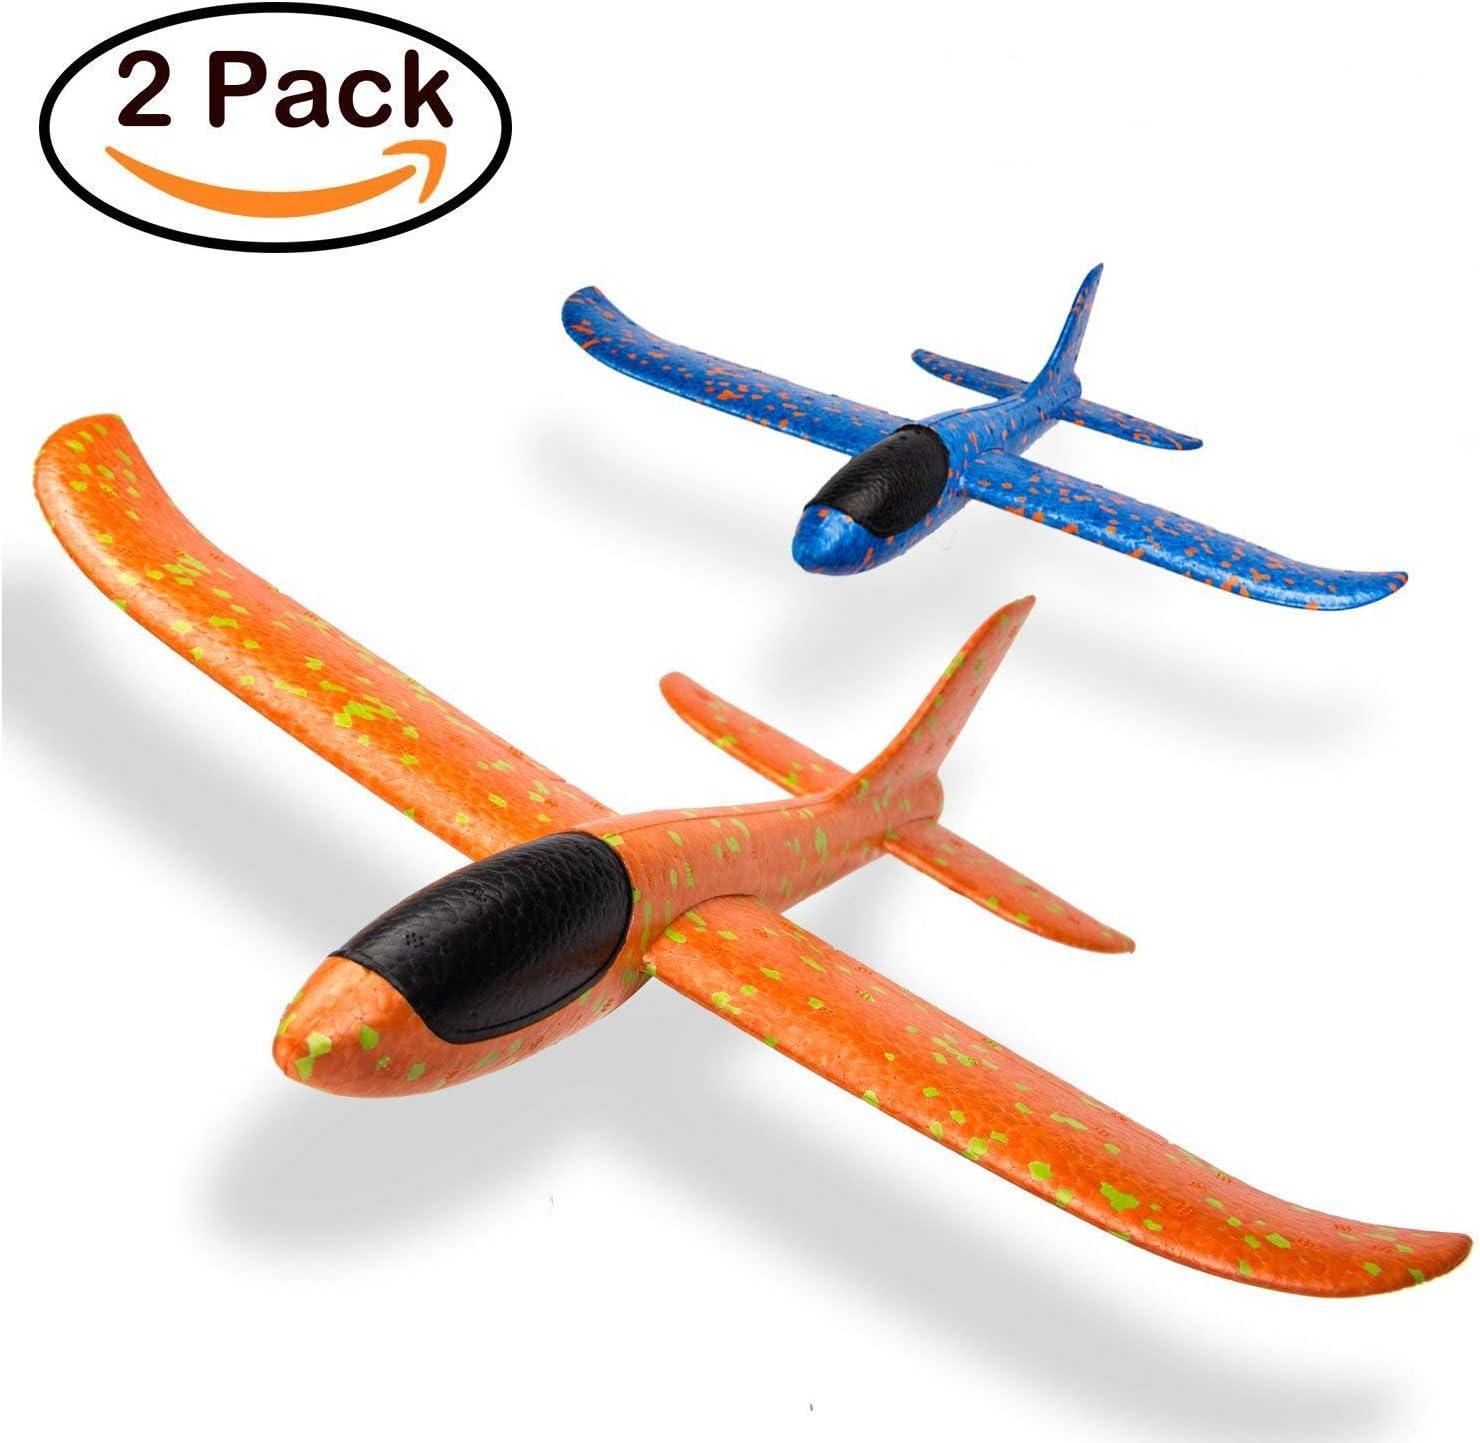 Paquete de 2 aviones manual del juego juguete divertido desafío modelo de avión de espuma de deportes al aire libre mejor para los niños (azul y naranja): Amazon.es: Juguetes y juegos